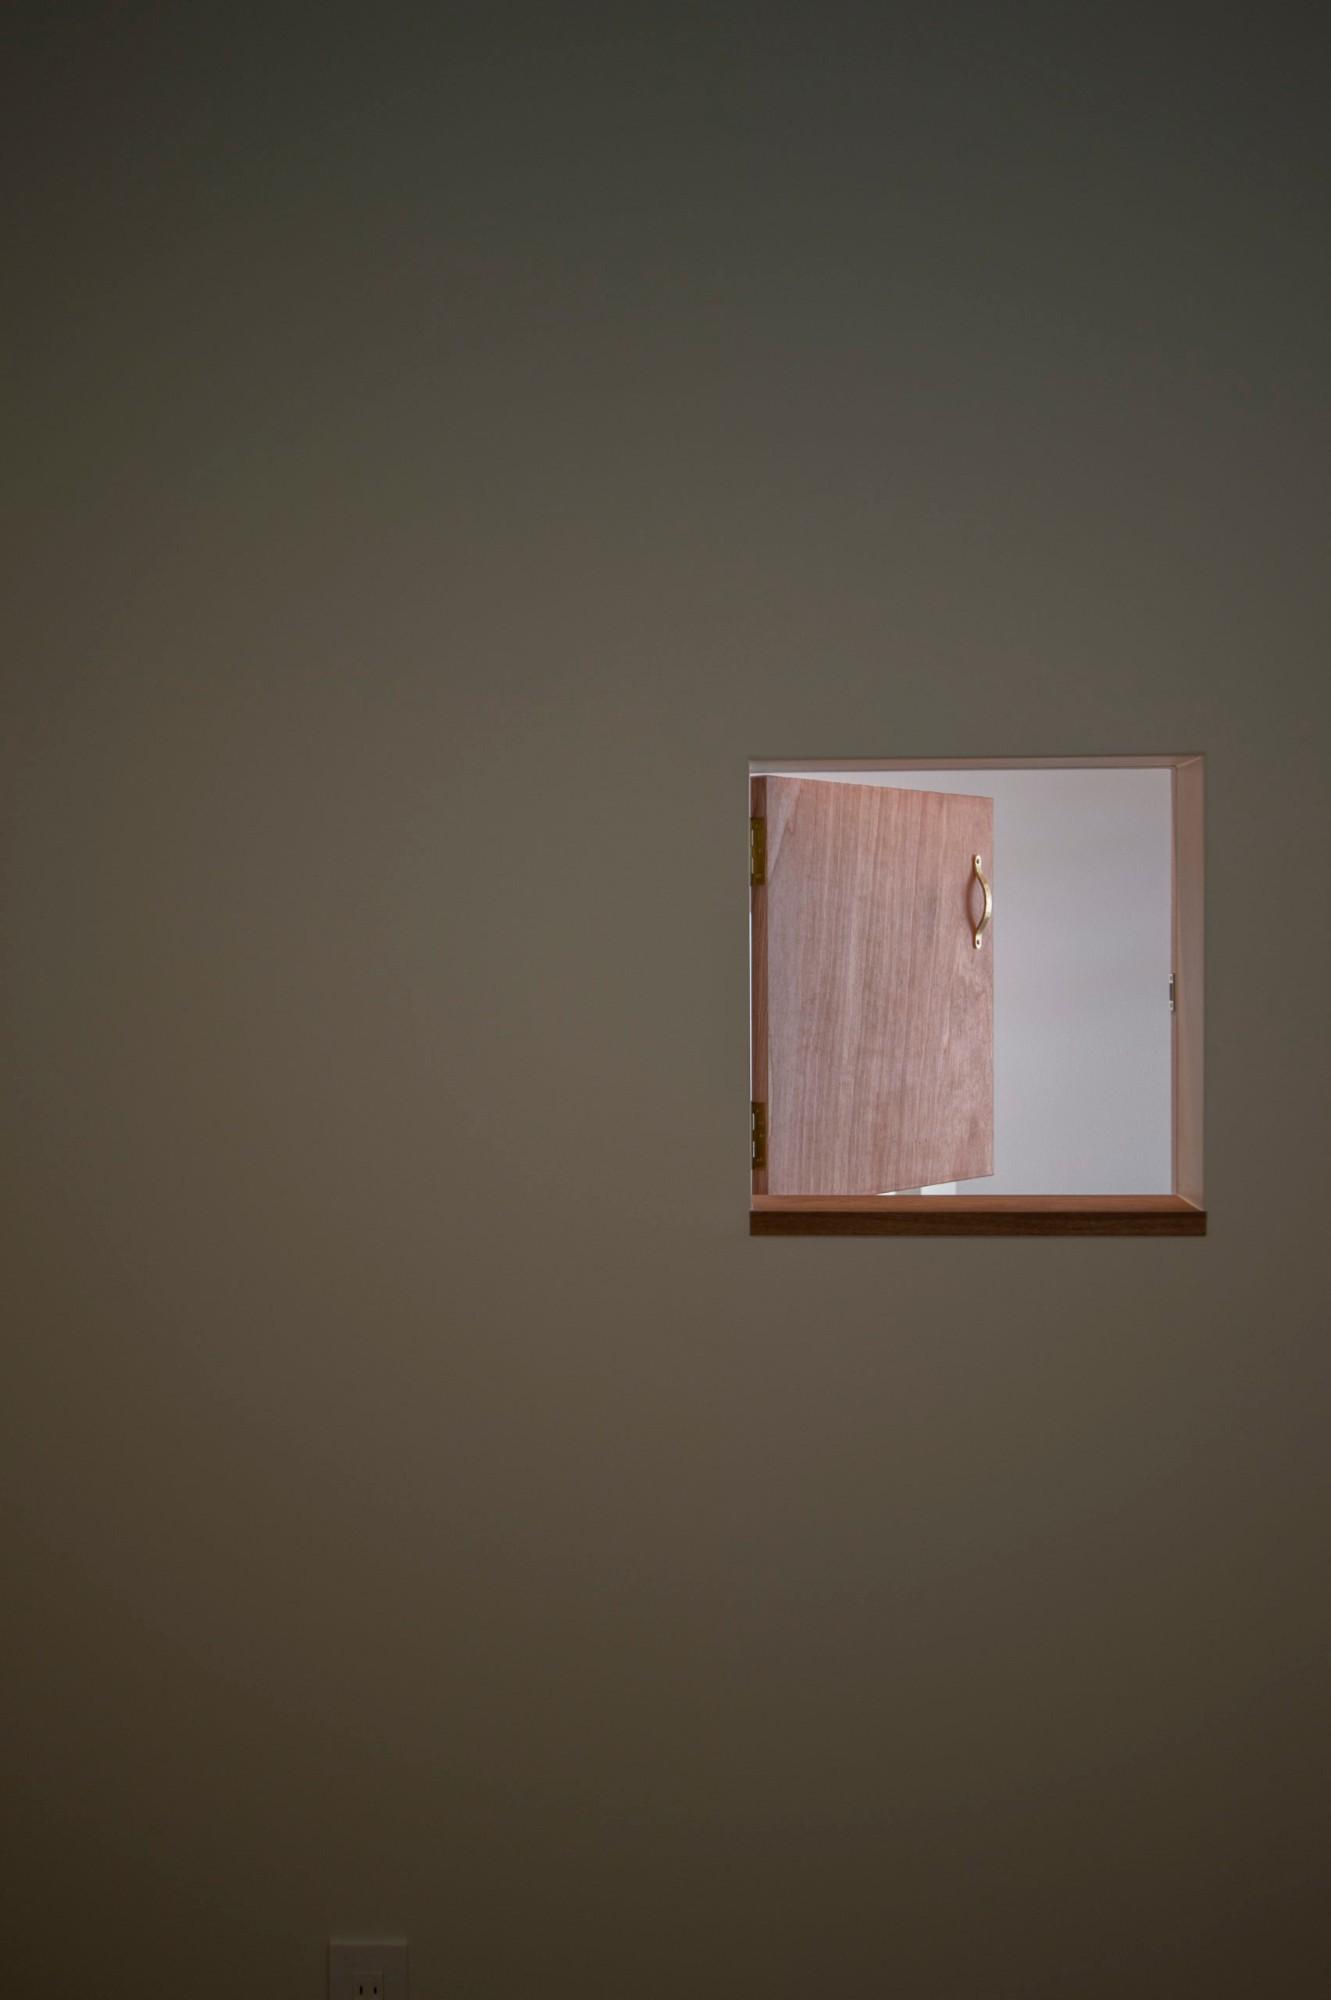 株式会社あかがわ建築設計室「悠遠の家」のシンプル・ナチュラル・自然素材な玄関の実例写真